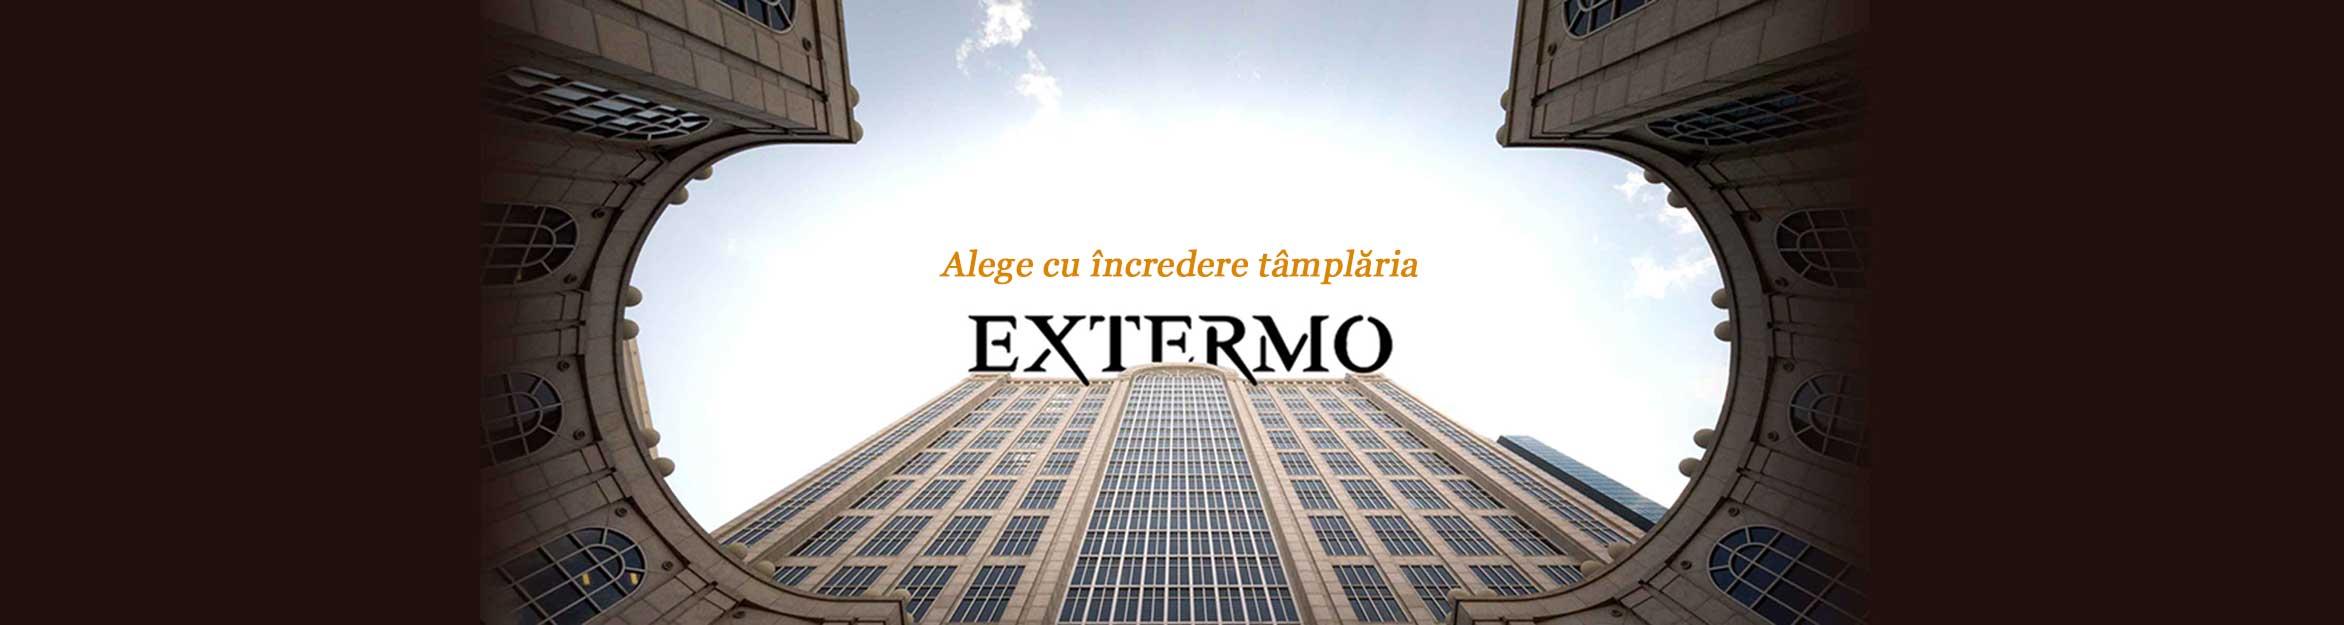 EXTERMO